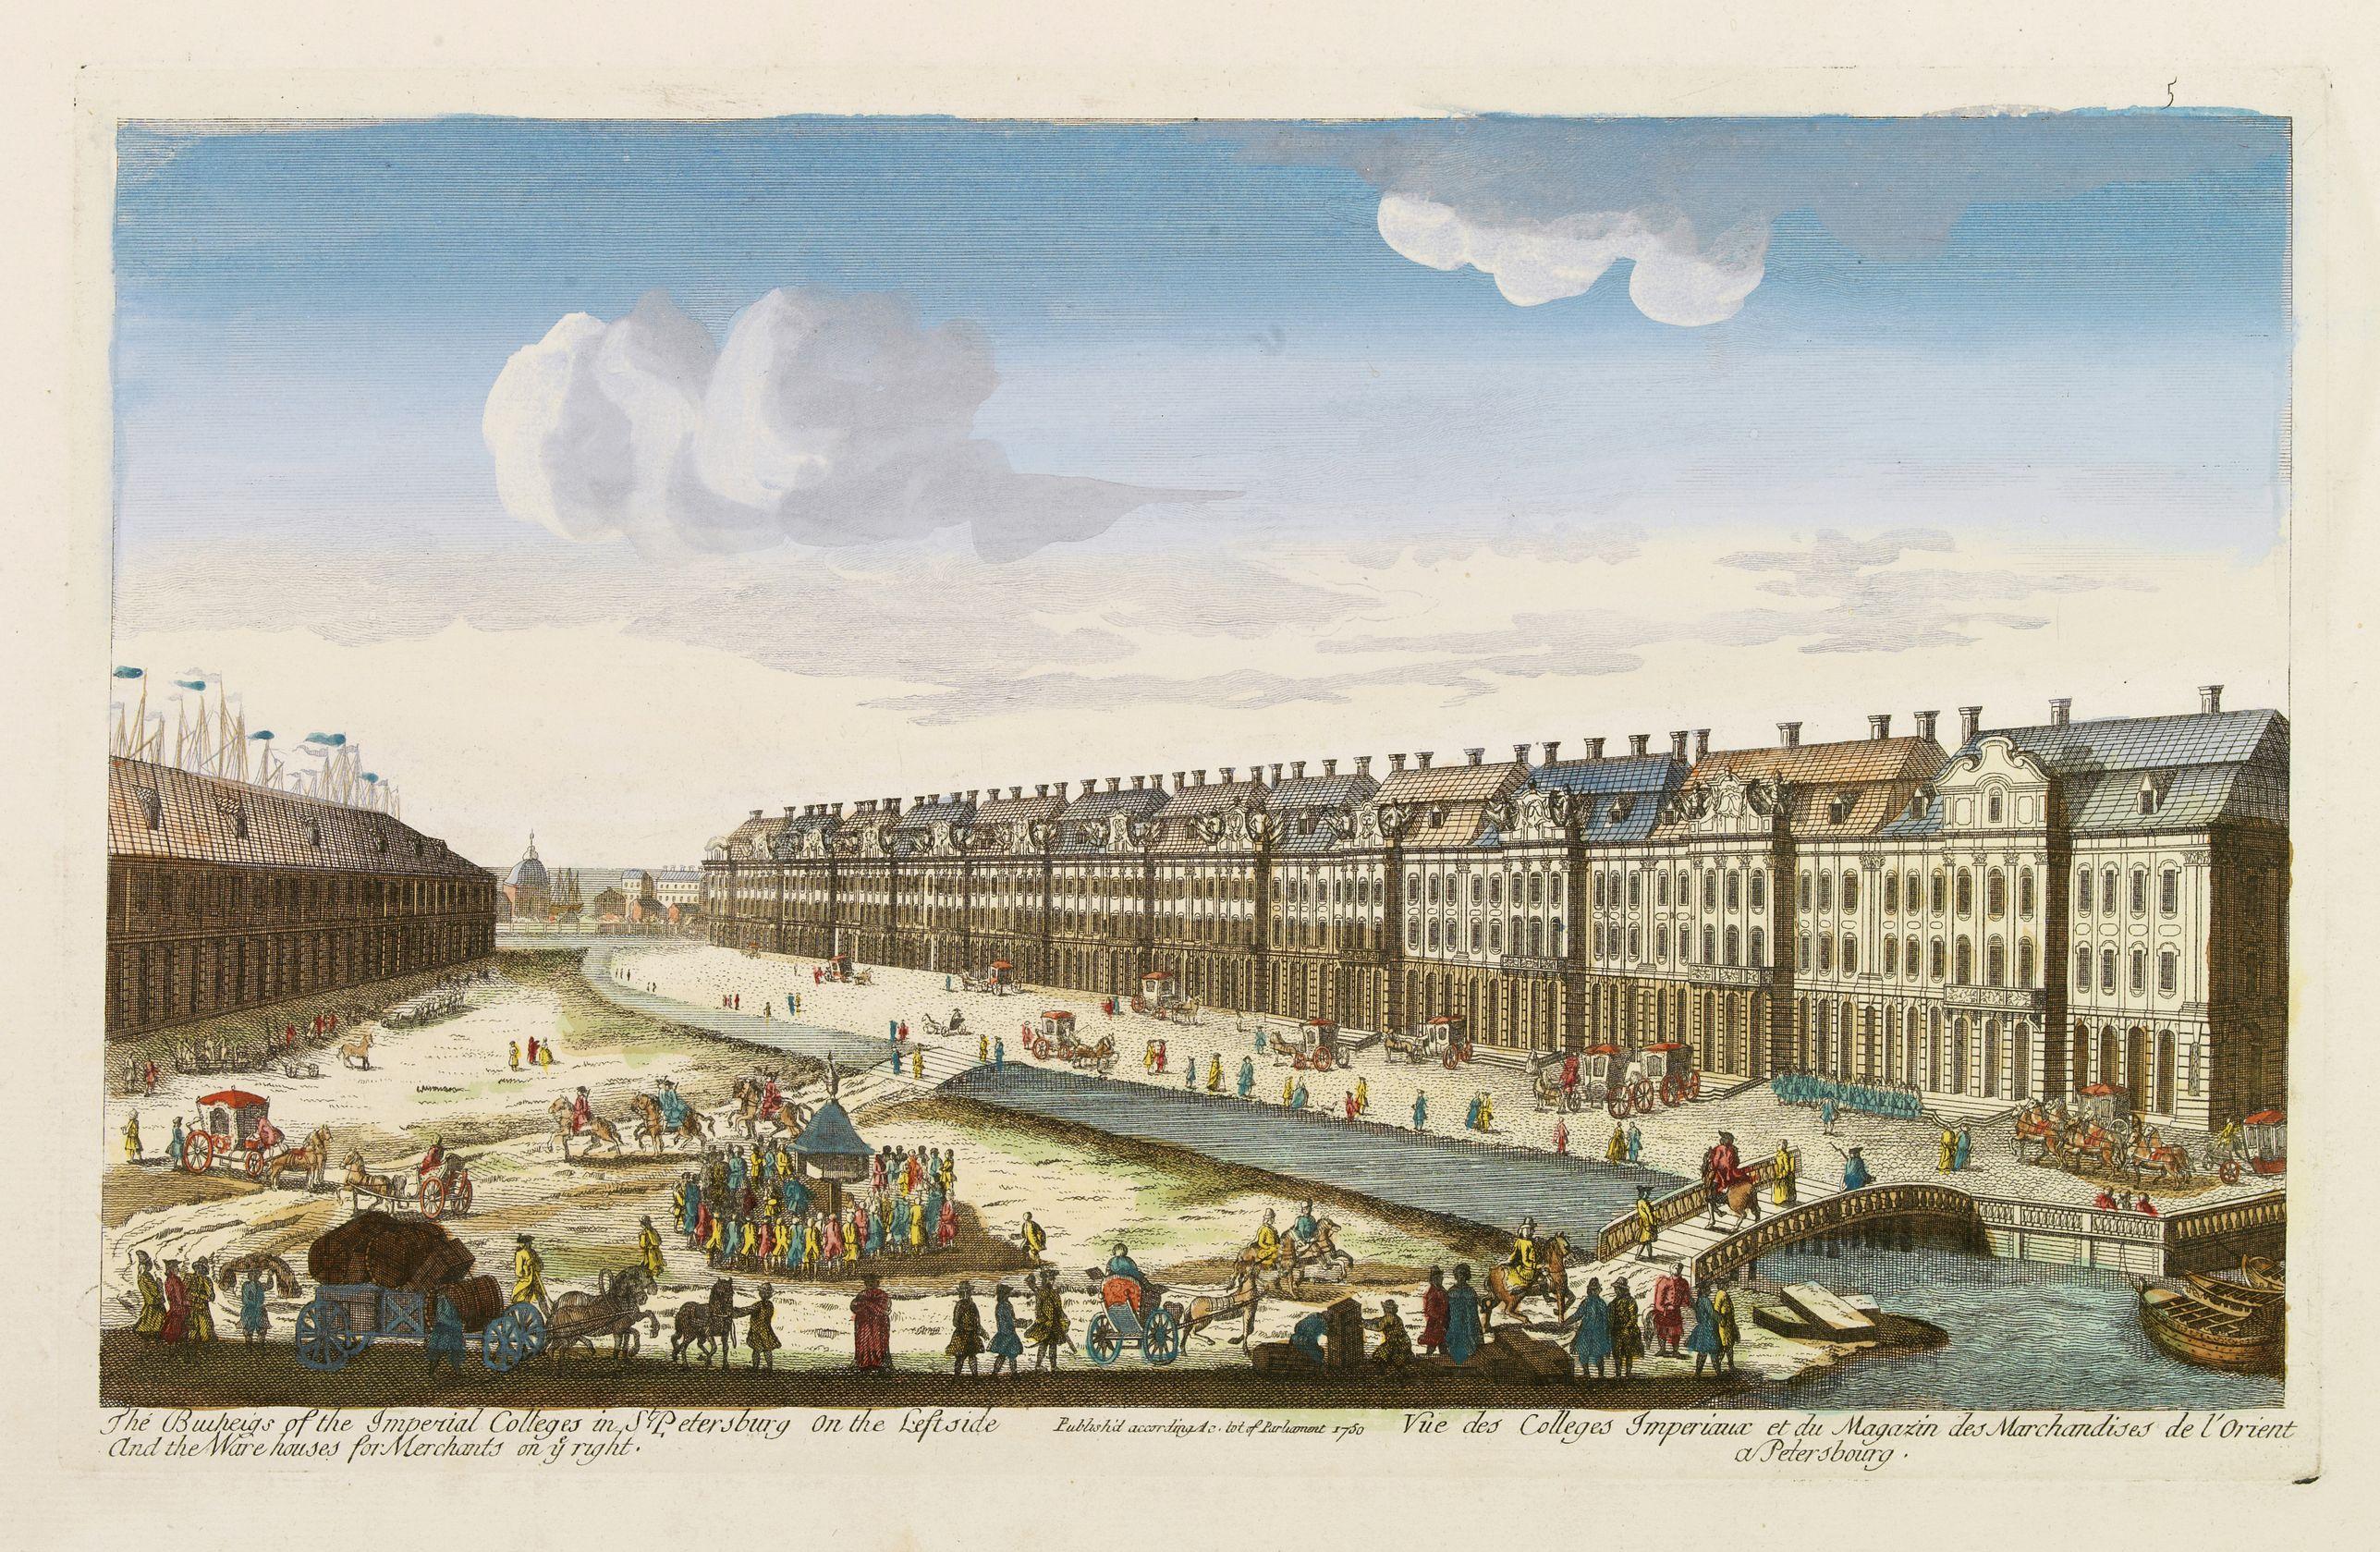 ANONYME -  Vue des Colleges Imperiaux et du Magazin des Marchandises de l'Orient a Petersbourg. Publish'd according Ac. tot of Parliament 1750.